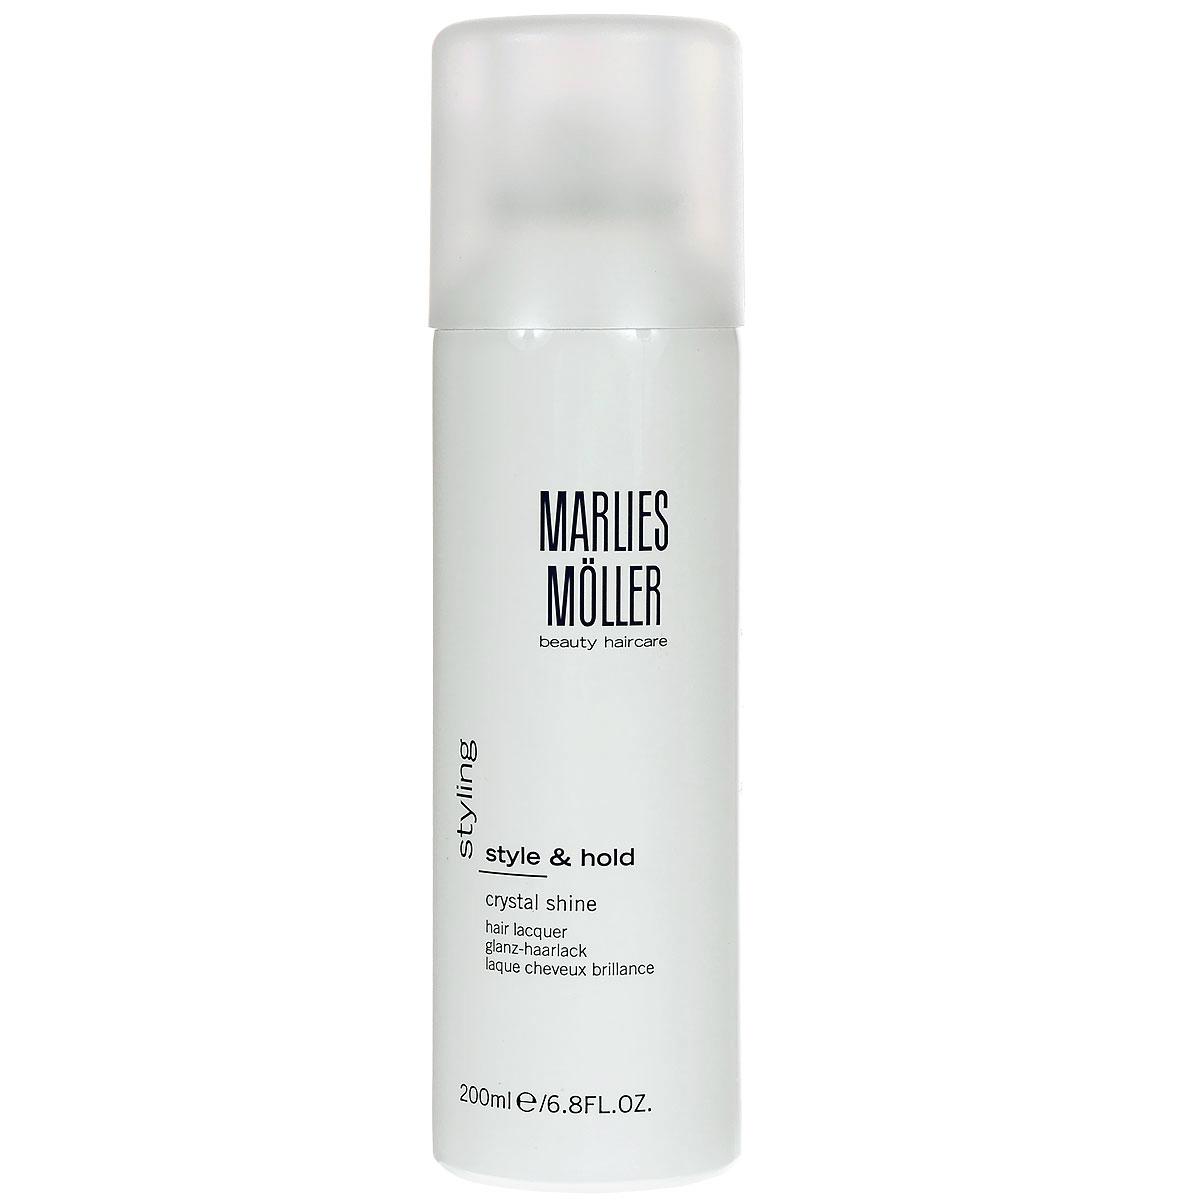 Marlies Moller Лак Styling для волос, кристальный блеск, 200 мл25812MMgПрофессиональный лак Styling для волос обеспечивает превосходную фиксацию благодаря мелкодисперсному аэрозолю. Характеристики: Объем: 200 мл. Артикул: 25812MMg. Производитель: Швейцария. Товар сертифицирован.